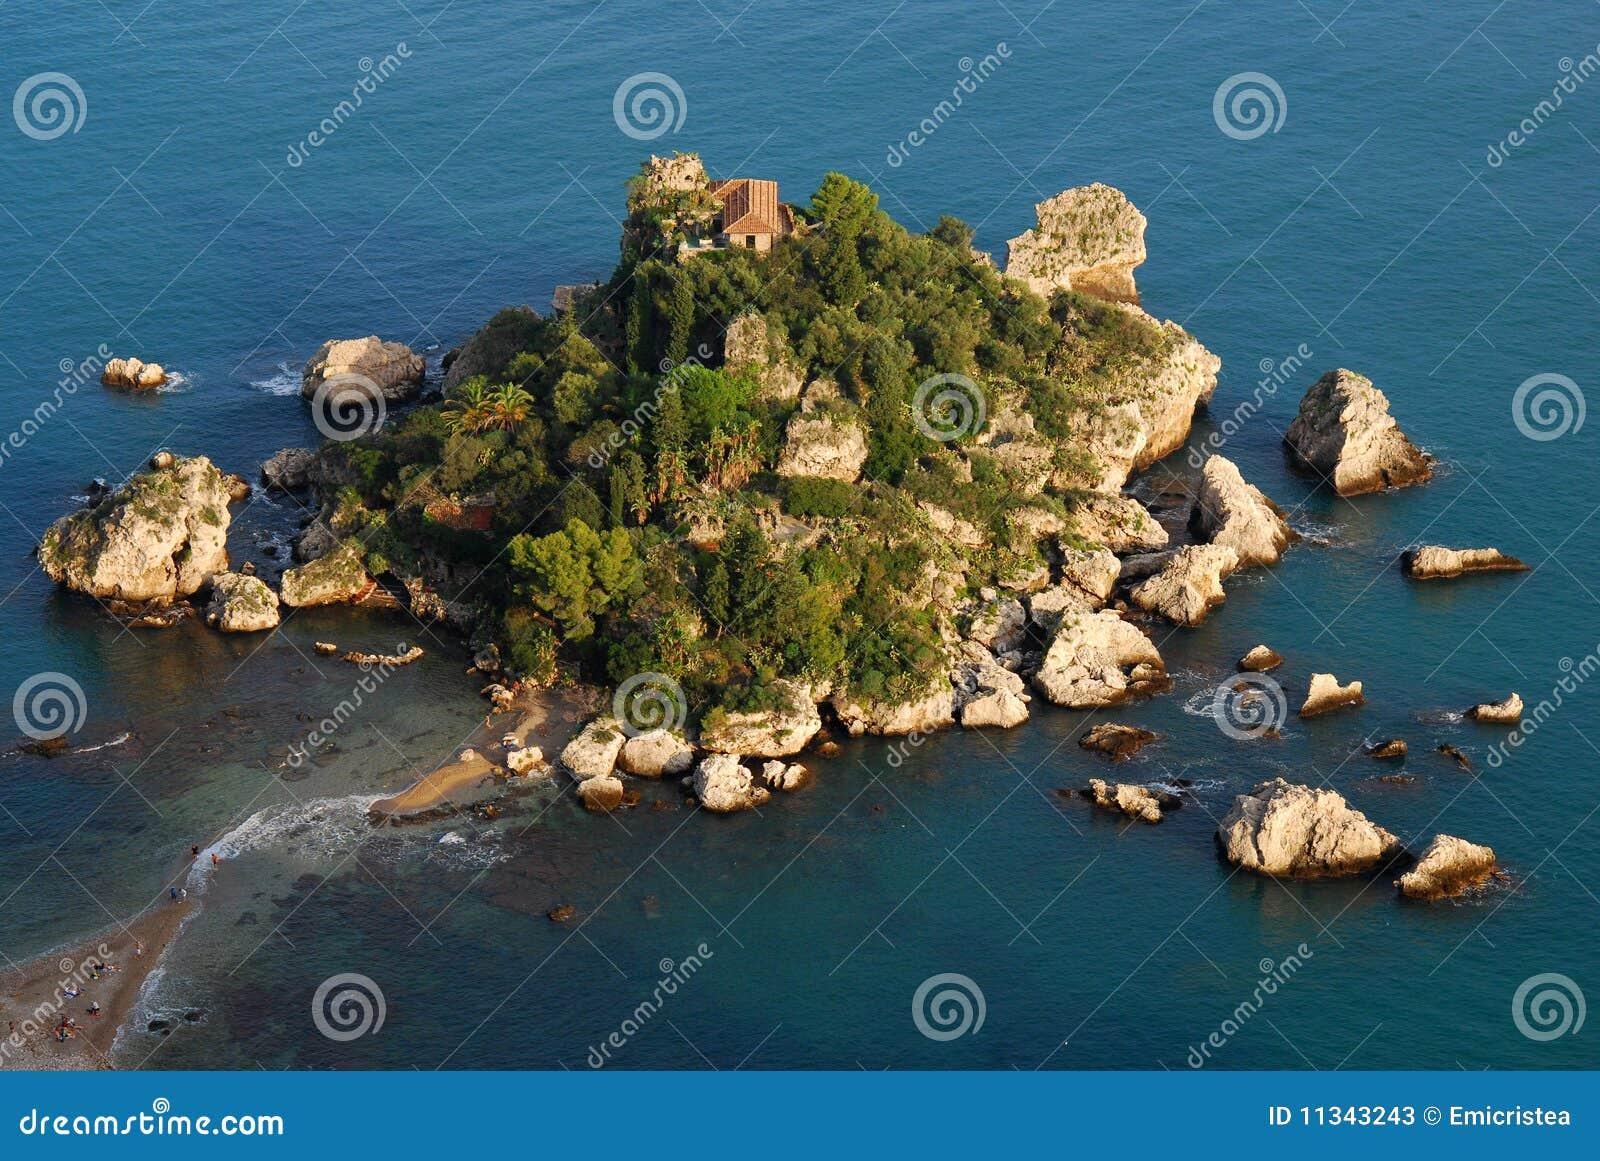 Isola Bella (Taormina/Sicile)